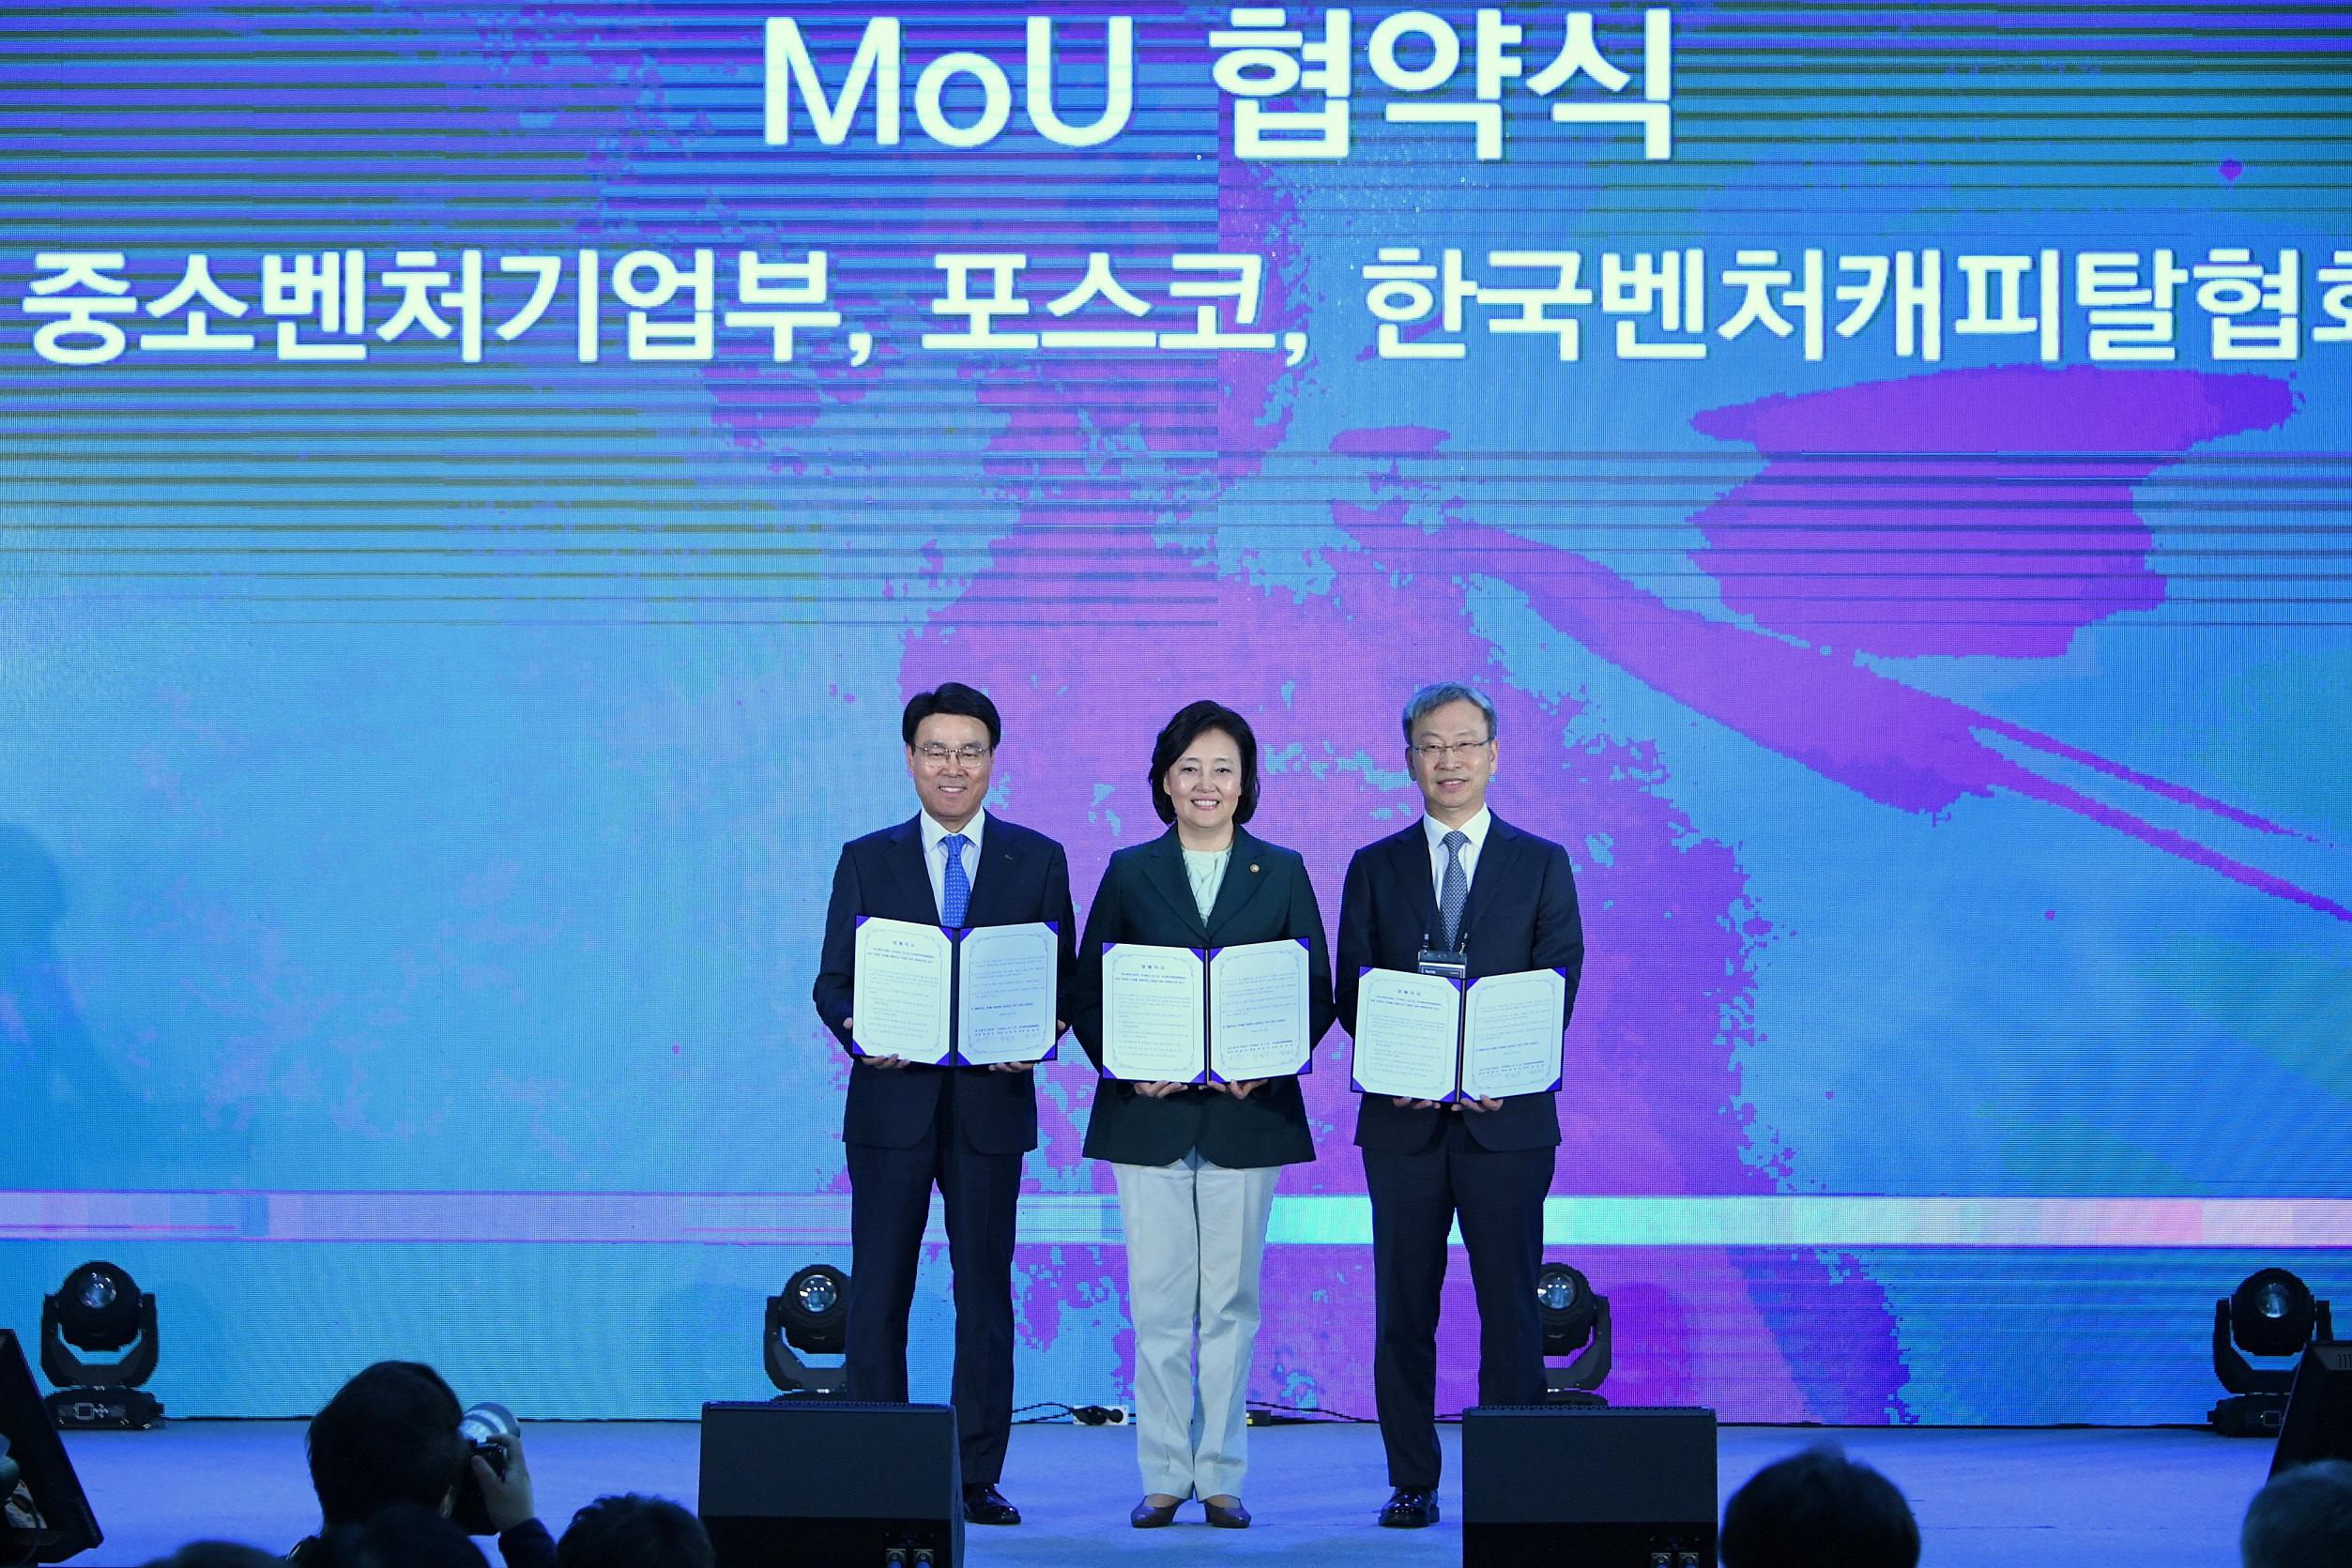 제17회 아이디어마켓플레이스 1조원 규모의 포스코 벤처플랫폼 운영계획을 발표하고 중소벤처기업부 및 한국벤처캐피탈협회와 업무협약을 체결하는 모습